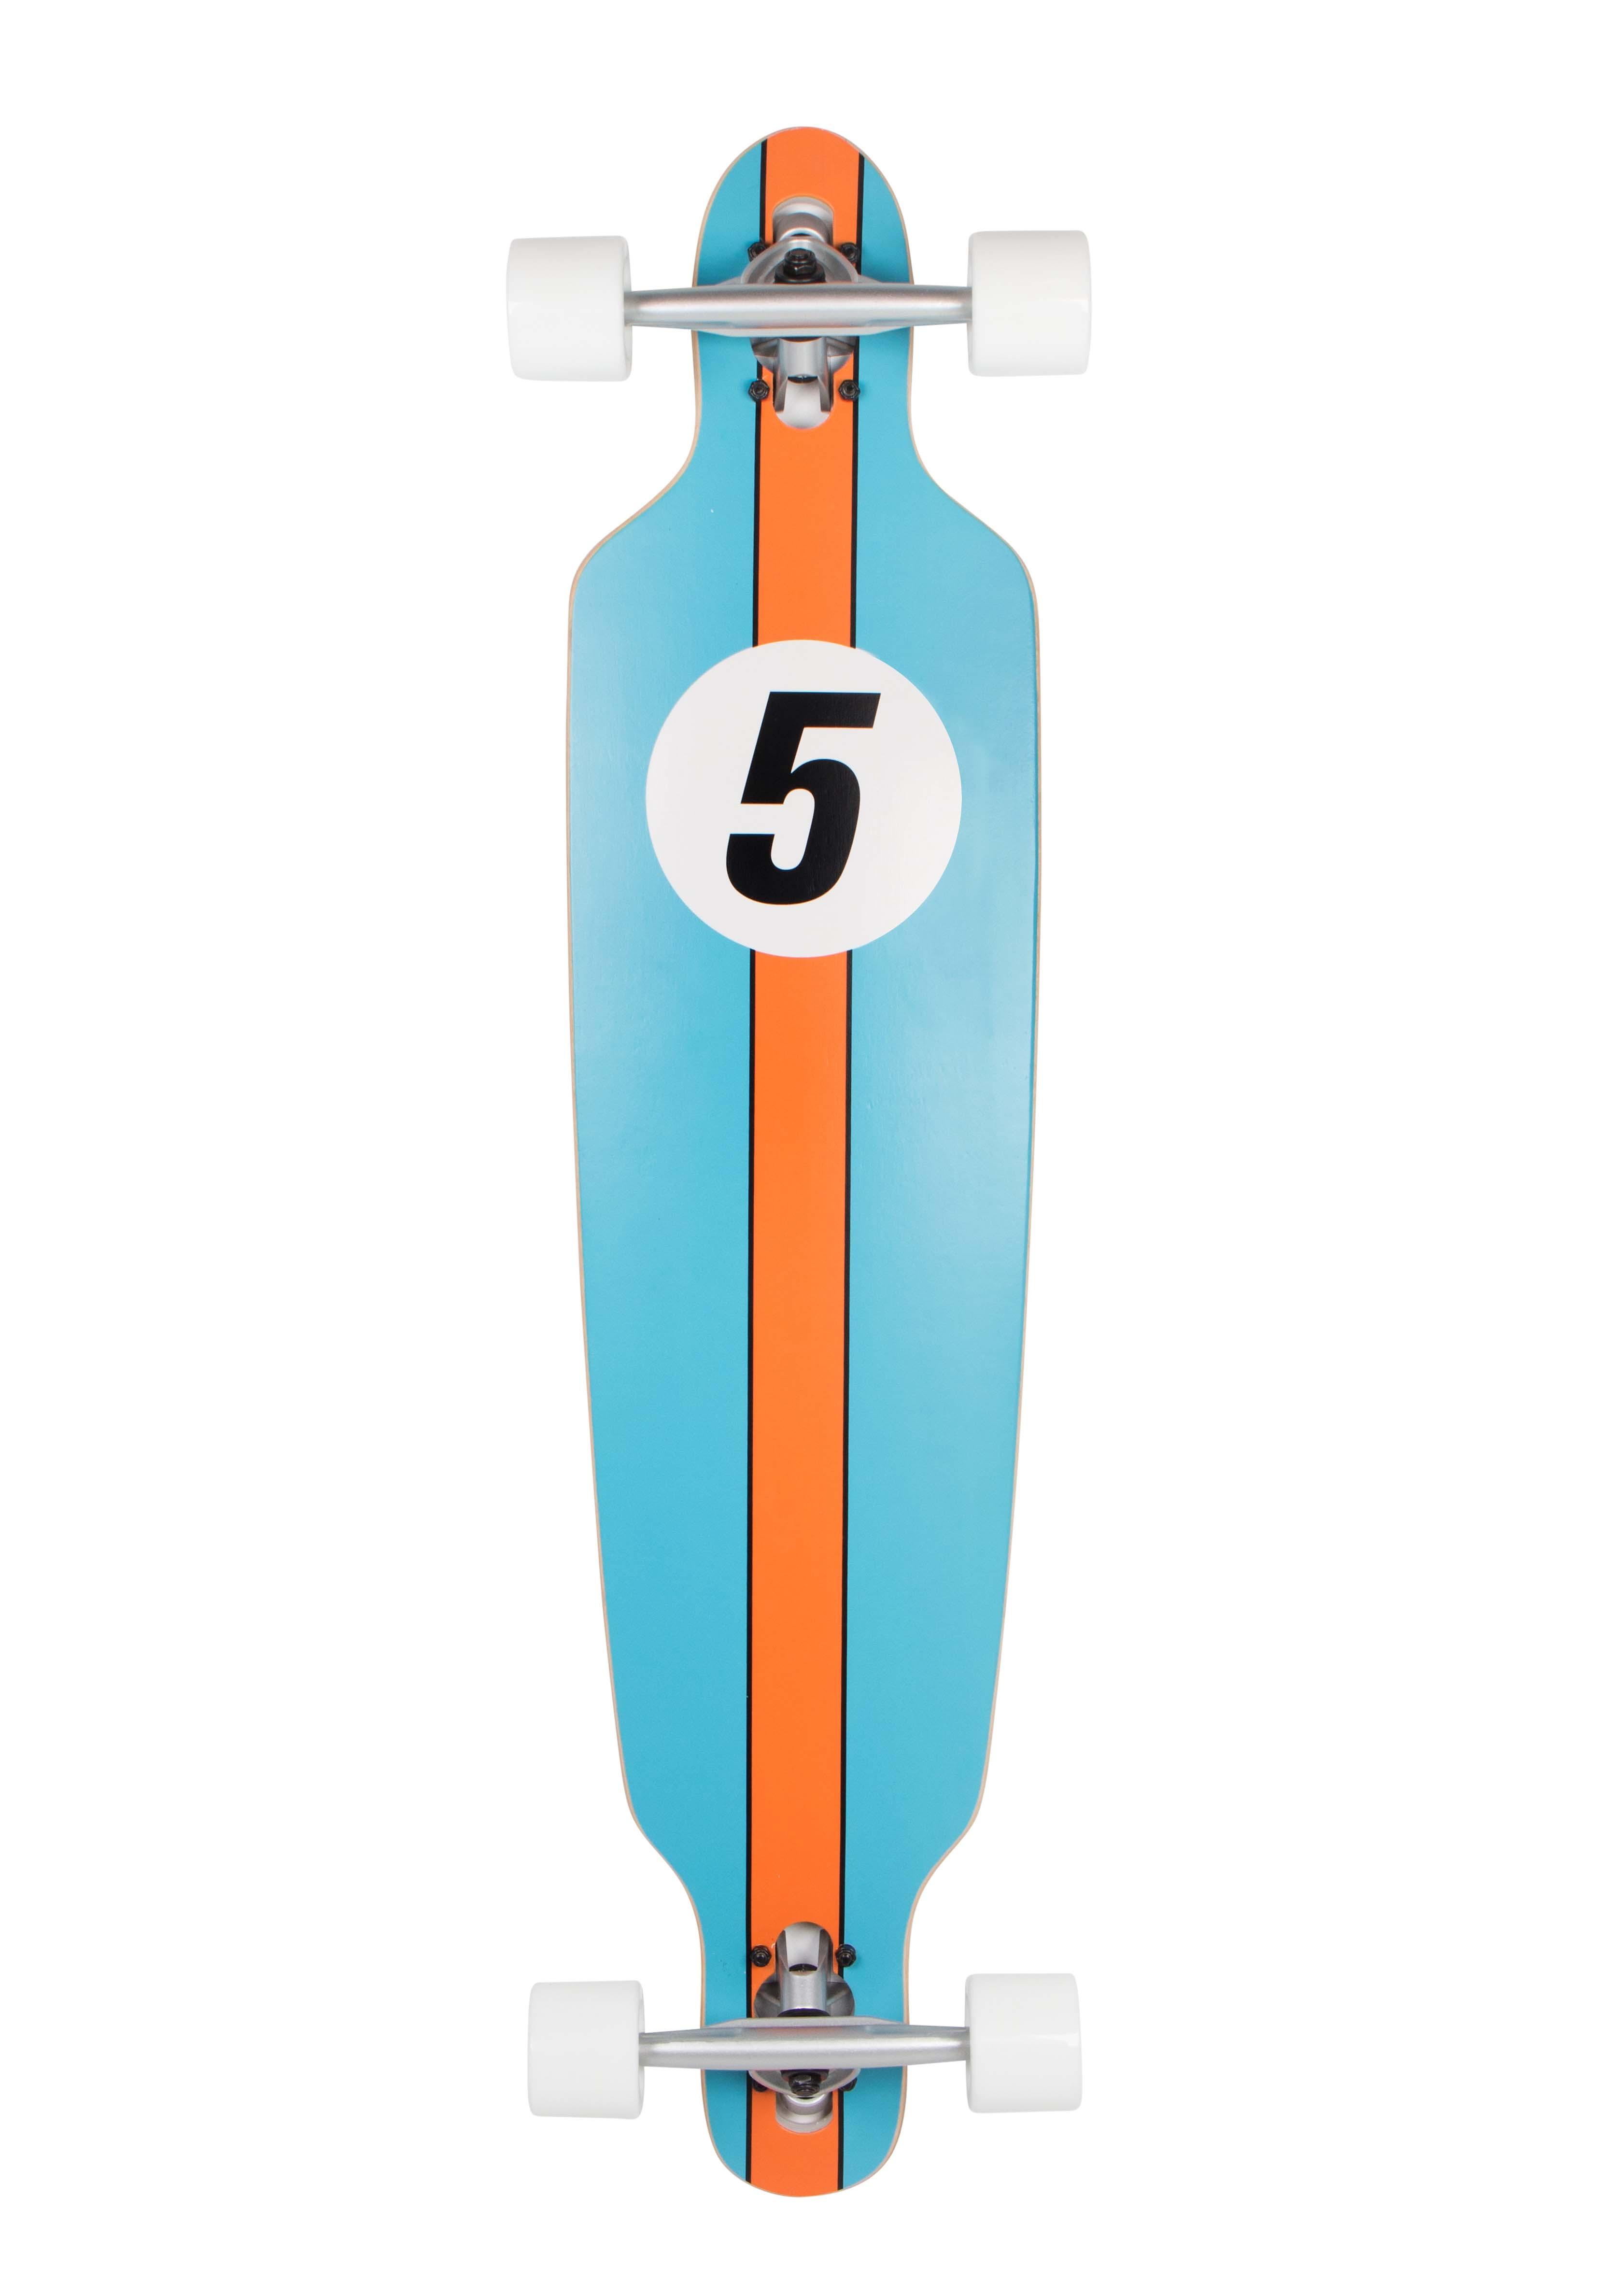 Sportplus Longboard Concave bestellen: 30 dagen bedenktijd